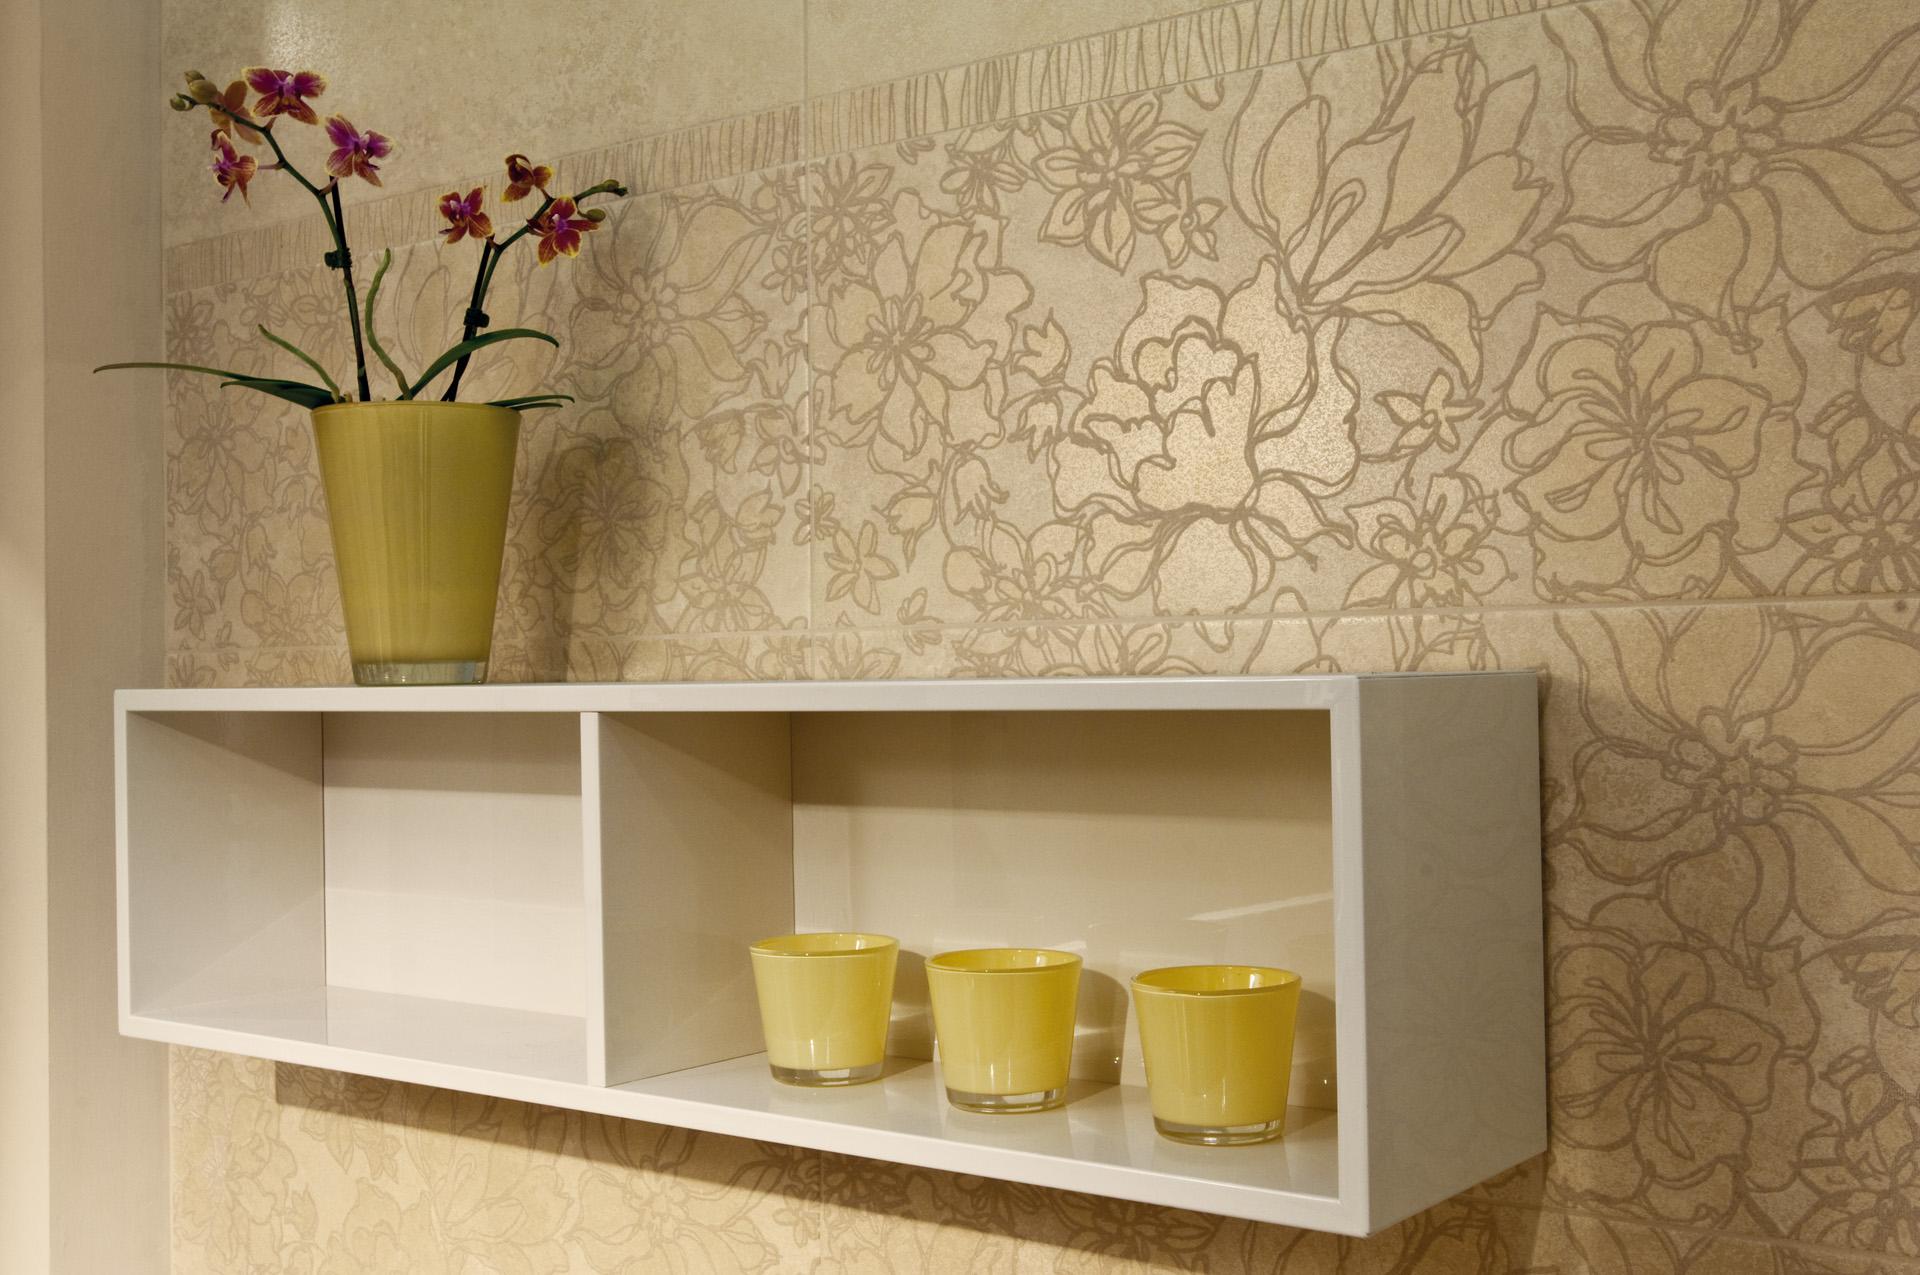 Gardenia orchidea ceramiche edilceramiche di maccanò